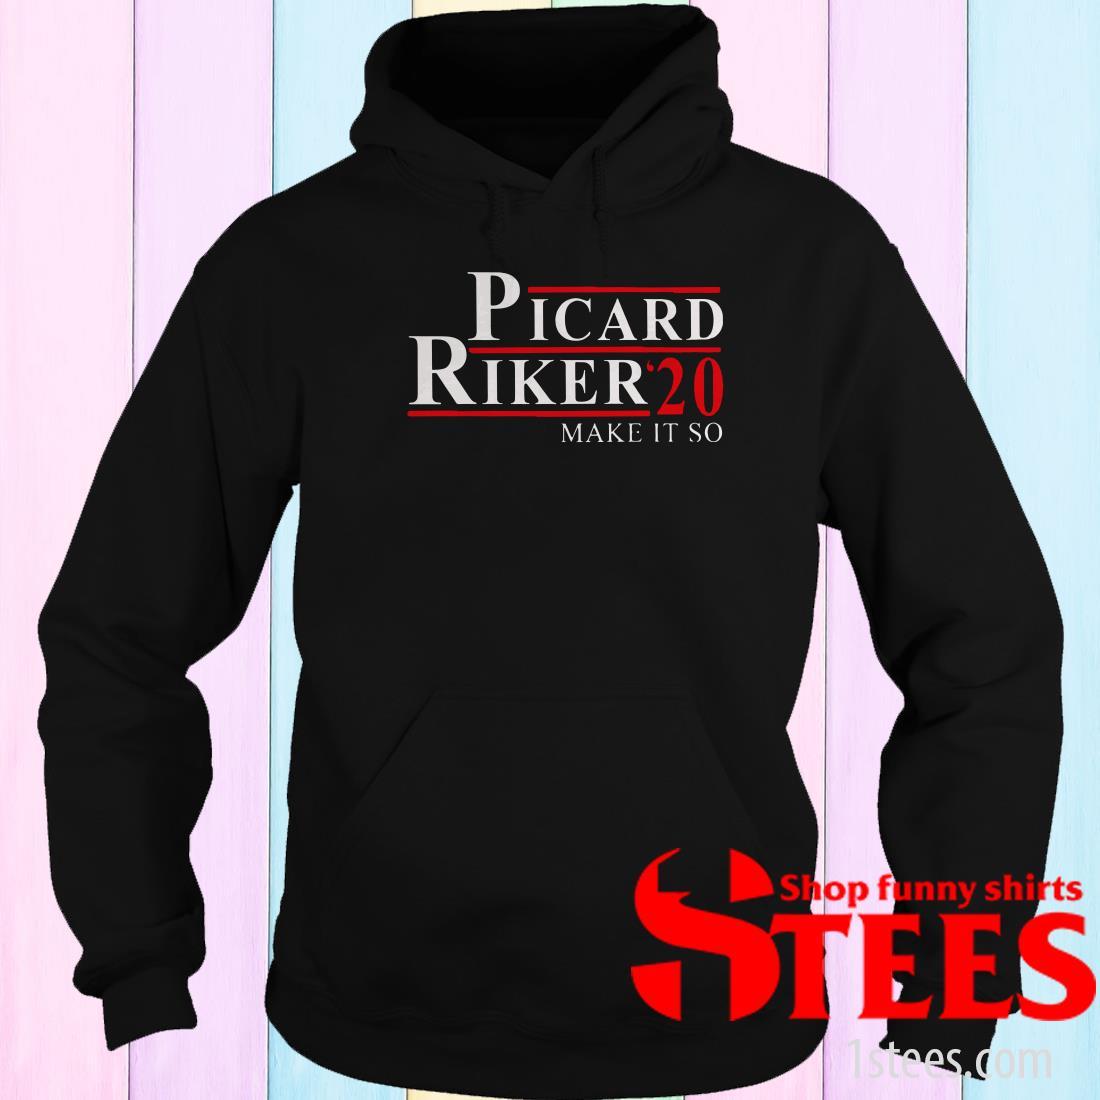 Picard Riker 2020 for President Make It So Funny Shirt